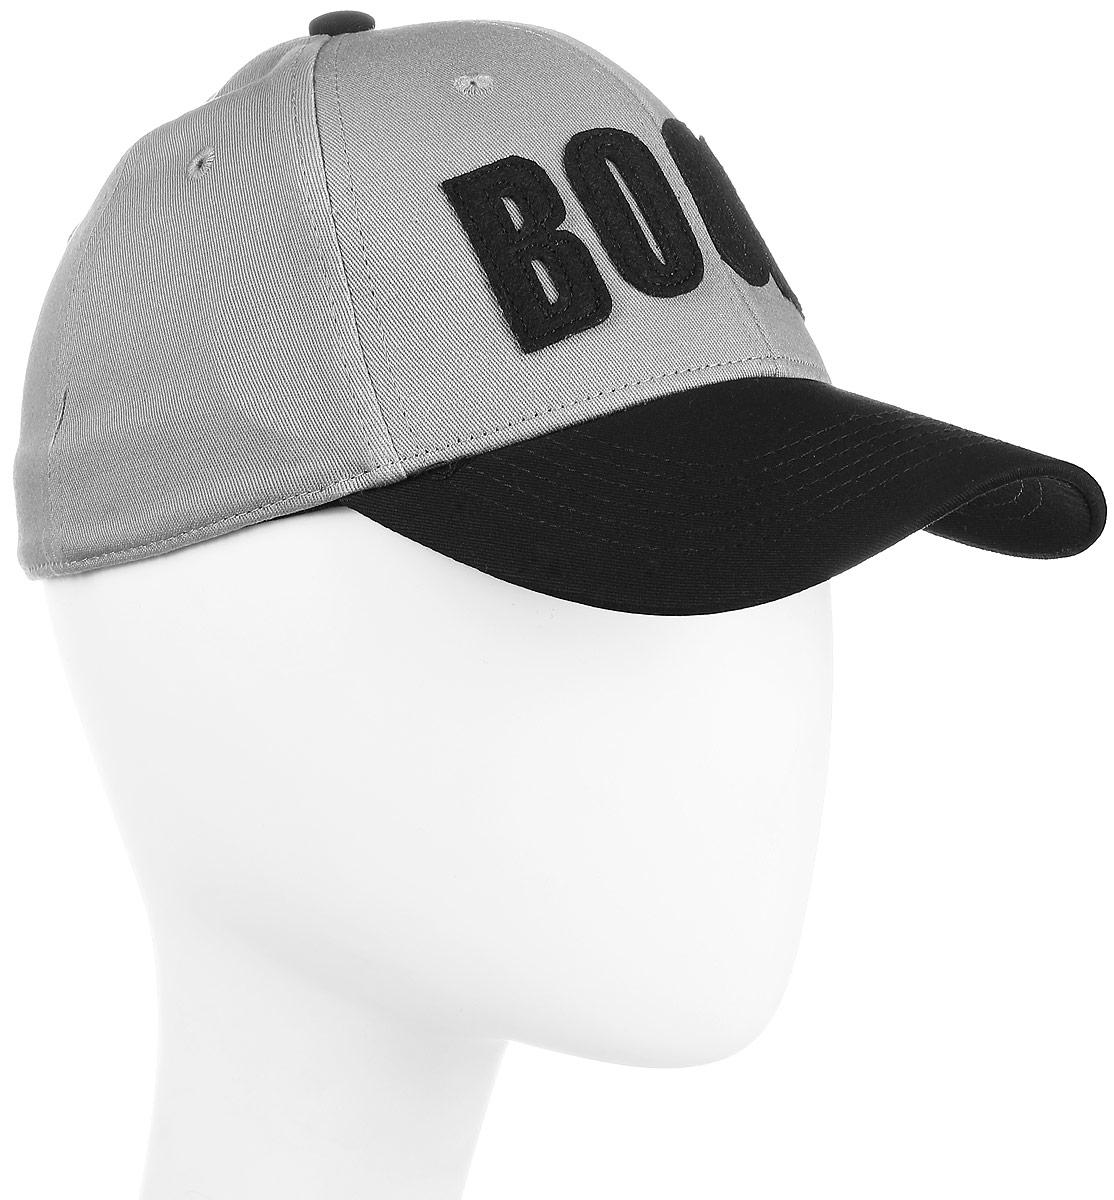 БейсболкаBY141026Модная объемная бейсболка с контрастным по цвету козырьком. Универсальный аксессуар для стильных молодых людей. Спандекс в составе ткани обеспечивает плотную посадку по голове.